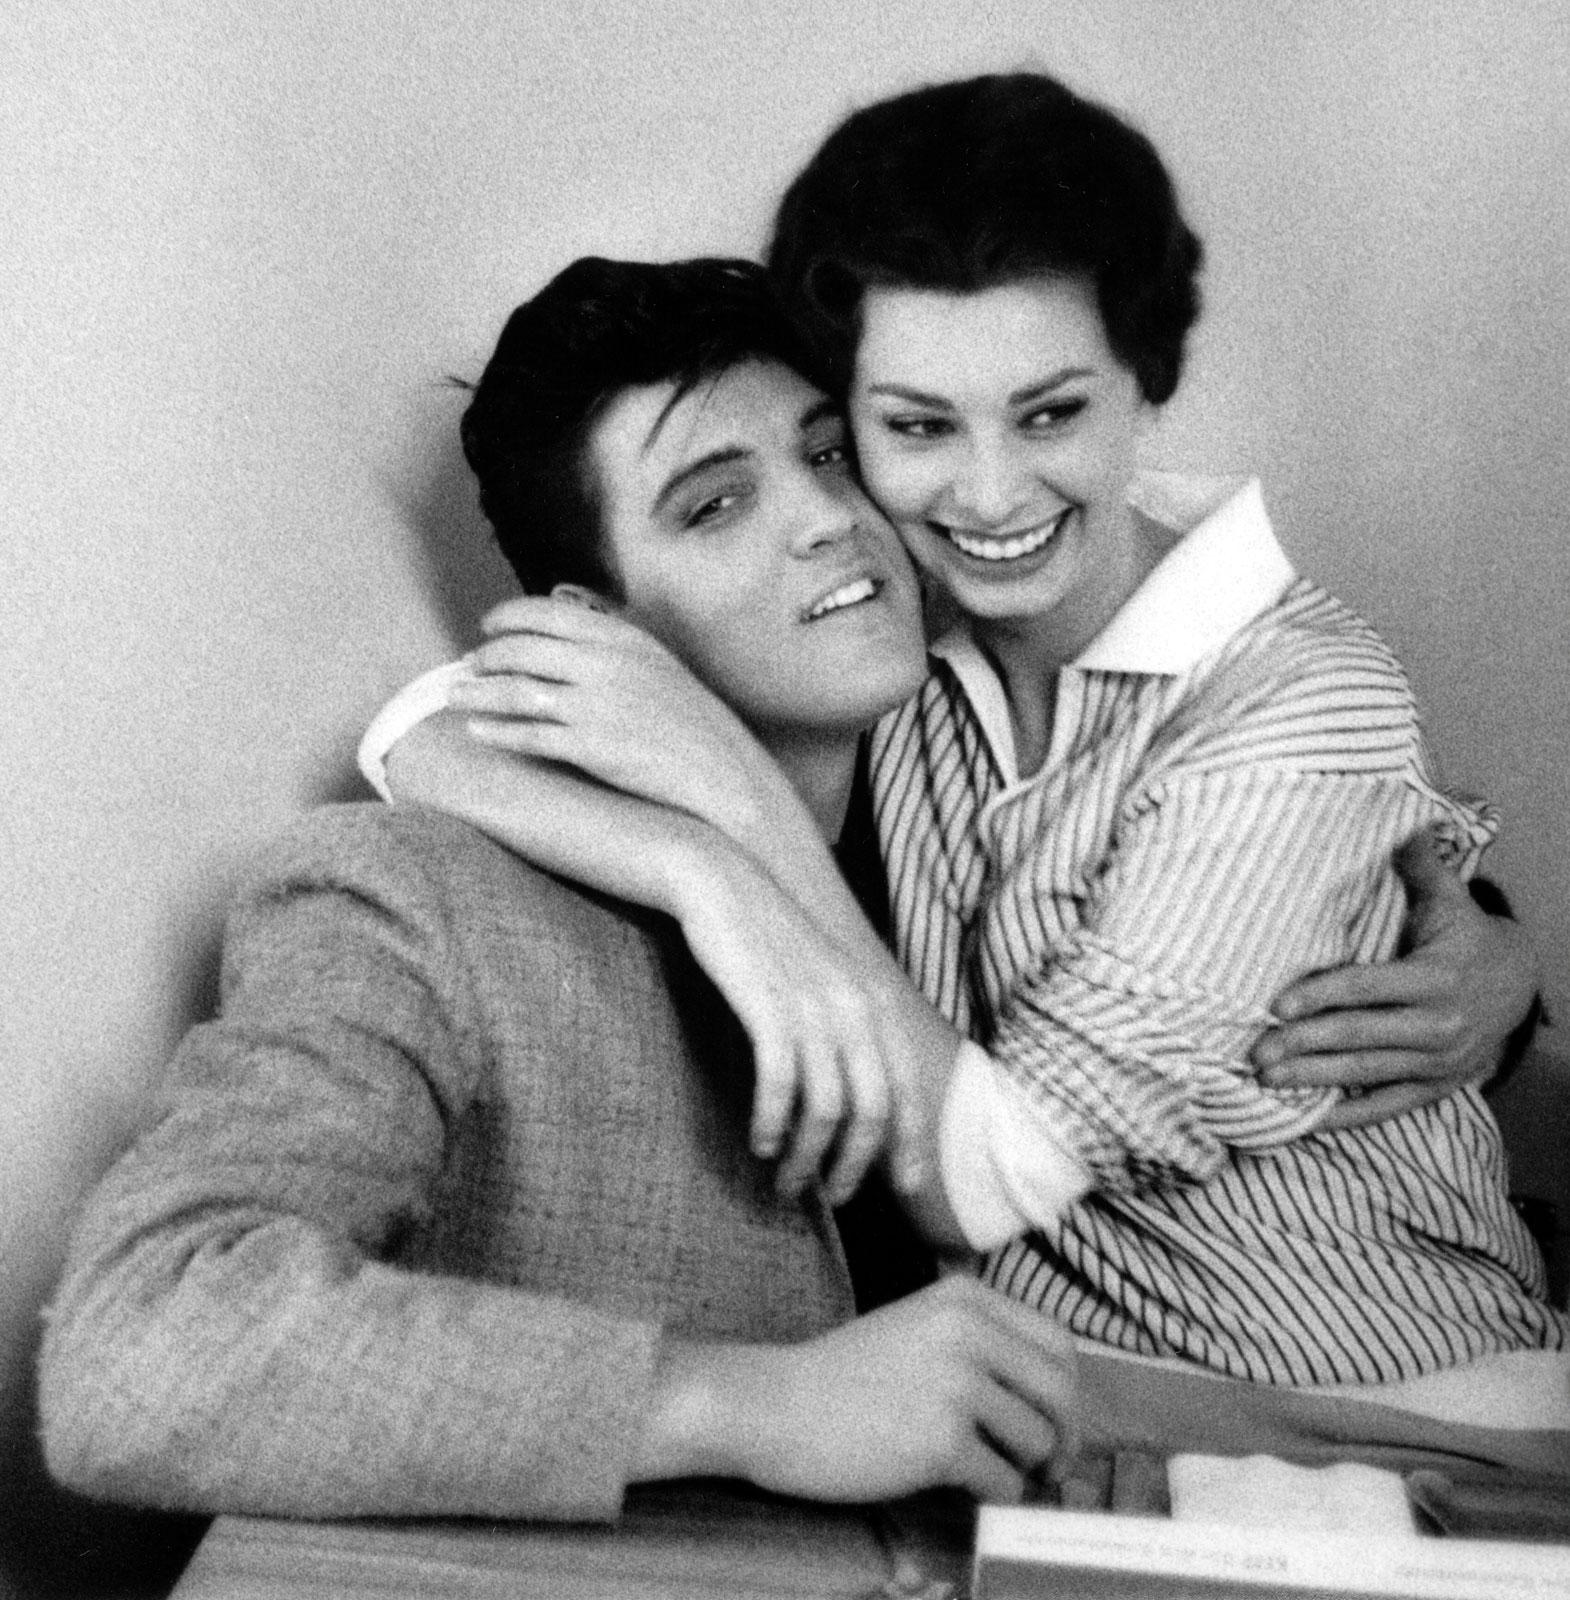 http://1.bp.blogspot.com/-QjWo4WYiKD4/TpDyo_5LSzI/AAAAAAAALT0/0H2lA0Mx7A0/s1600/Elvis-Presley-and-Sophia-Loren-1958.jpg